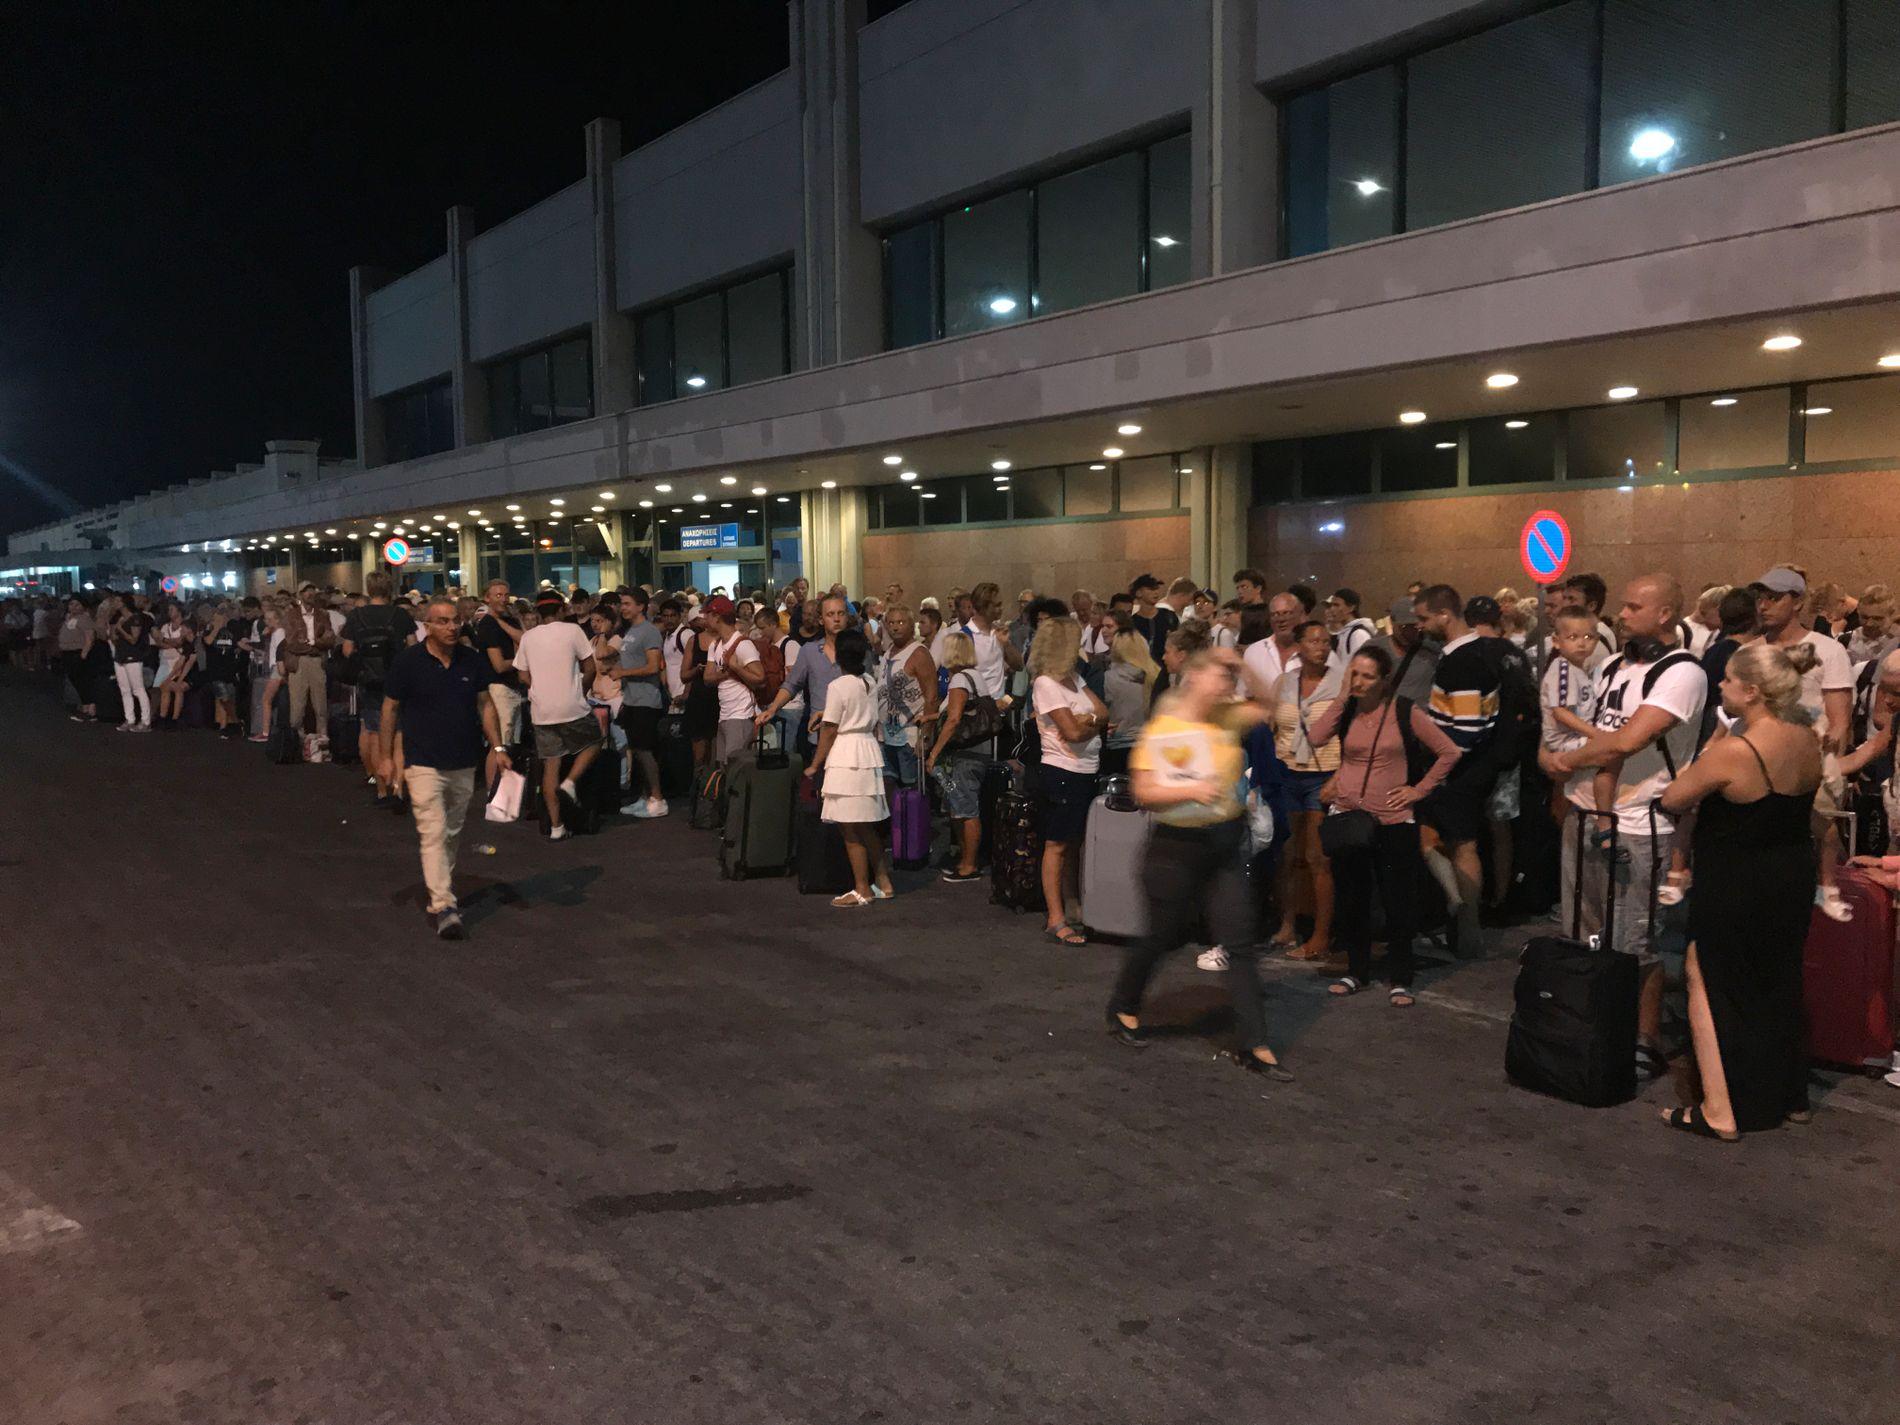 KØER: Også utenfor flyplassen dannet det seg lange køer av folk som ventet.